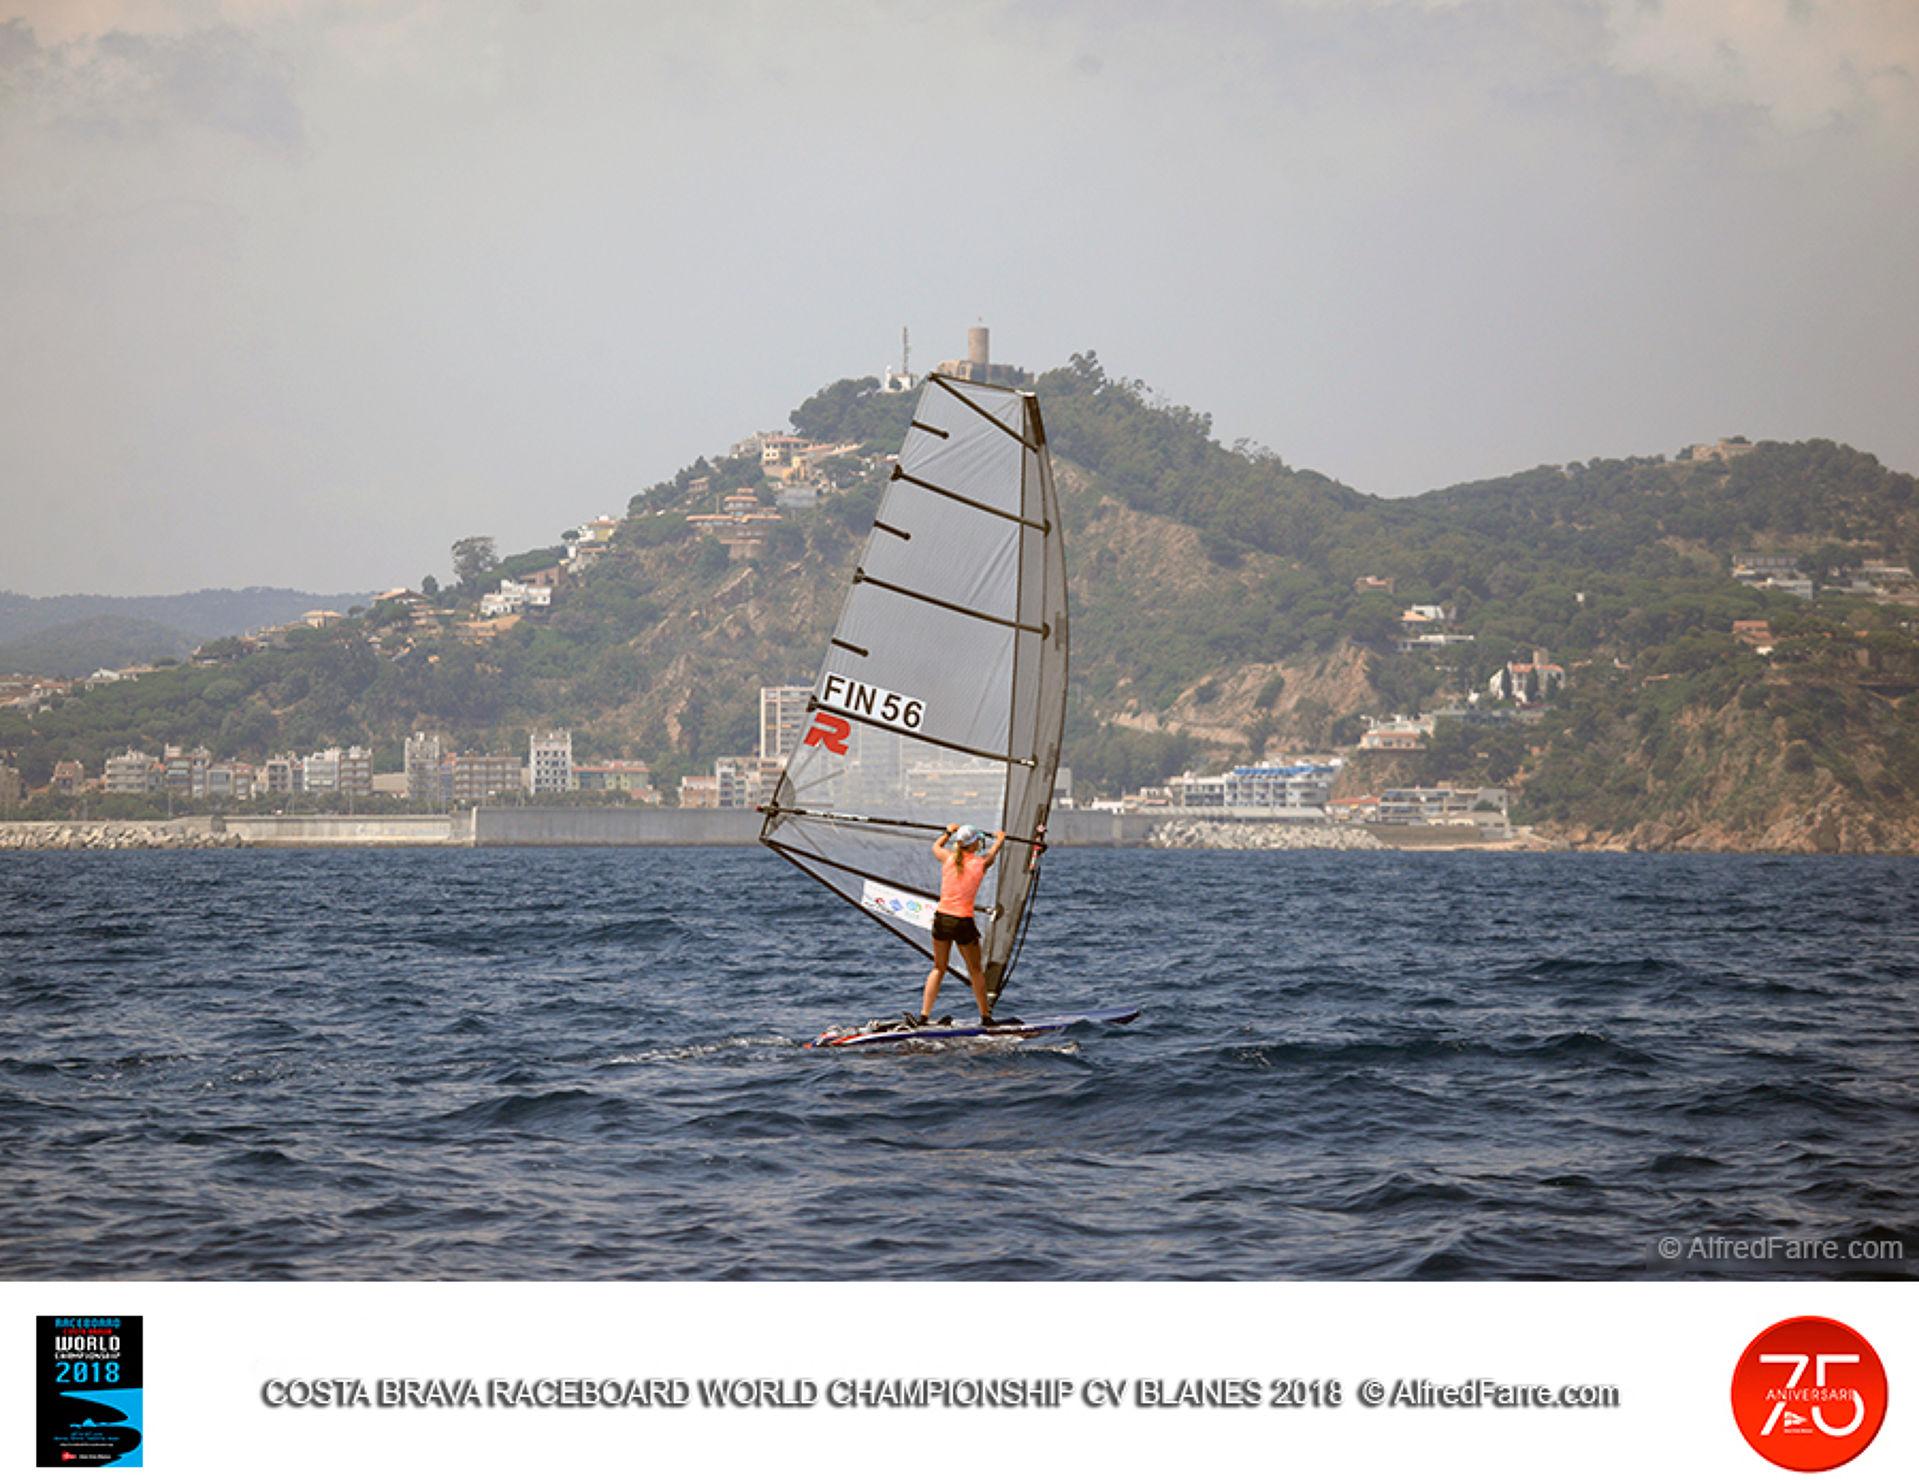 Aleksandra Blinnikka sentencia el Mundial de Blanes a una jornada de la seva finalització i el Portugués Joao Rodrigues es farà amb el títol mundial a la categoria masculina.